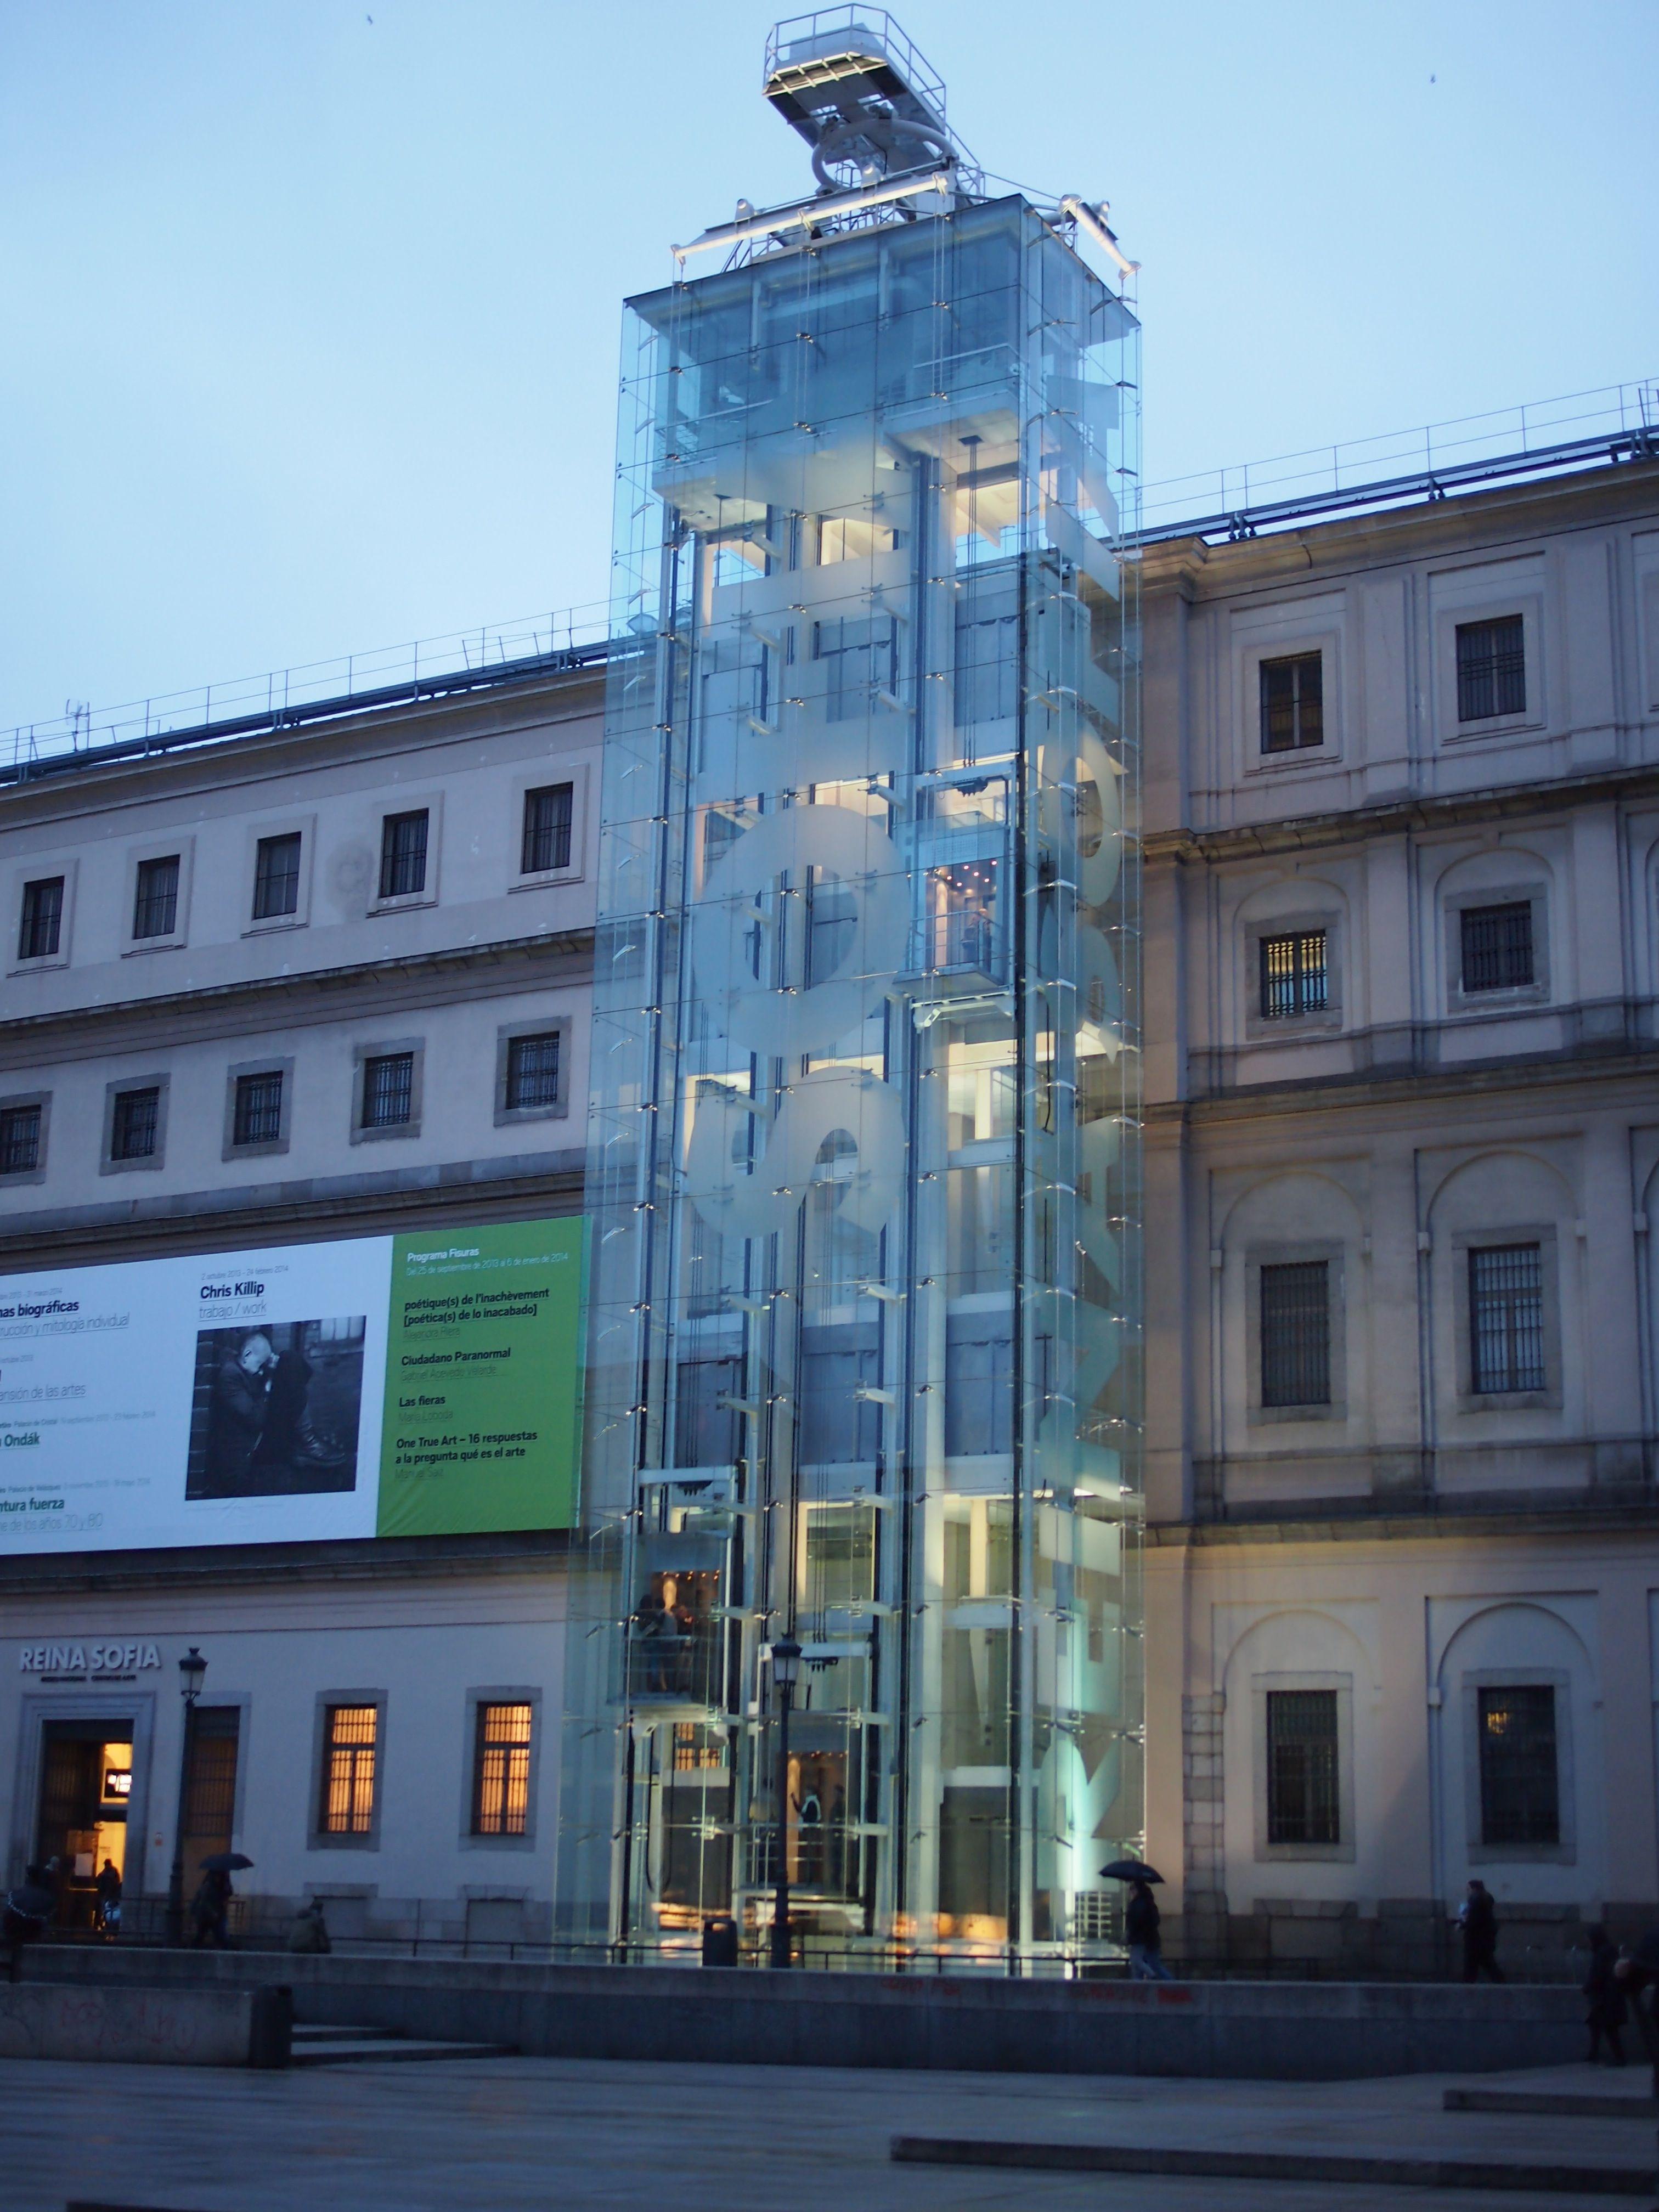 ソフィア王妃芸術センター。Museum of Reina Sofia